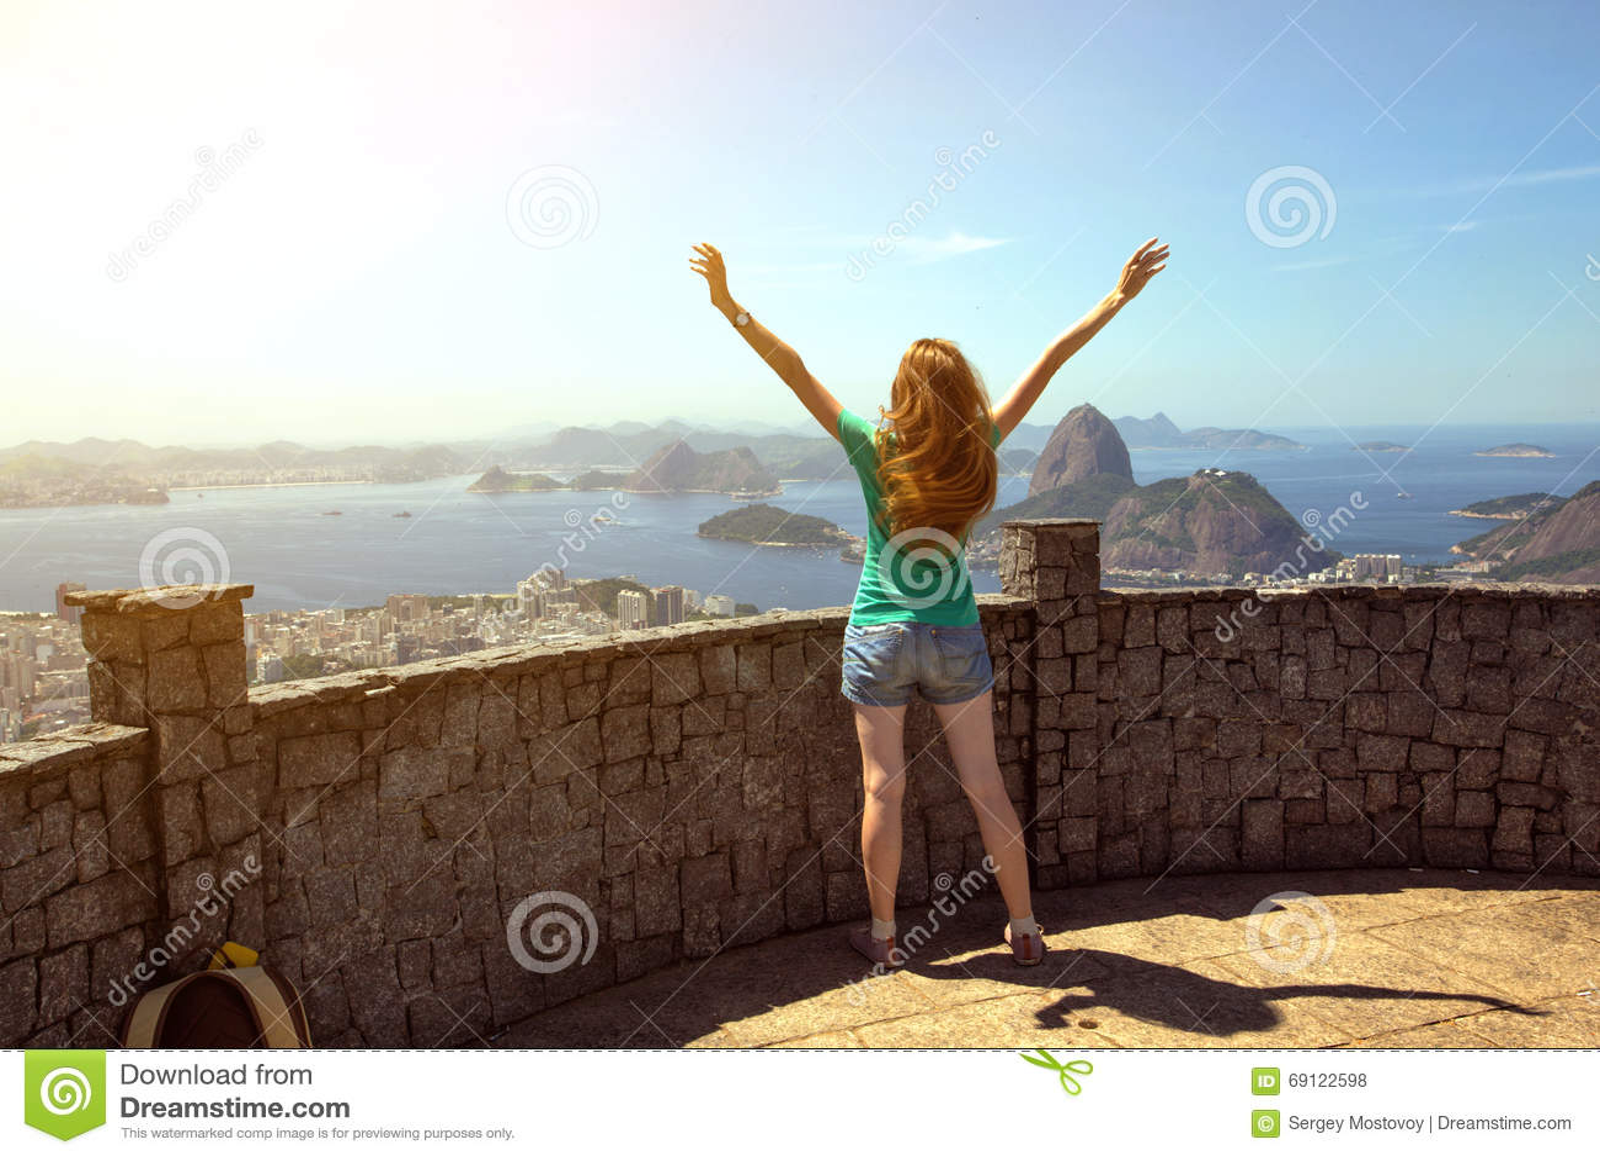 Girl at the Rio de Janeiro